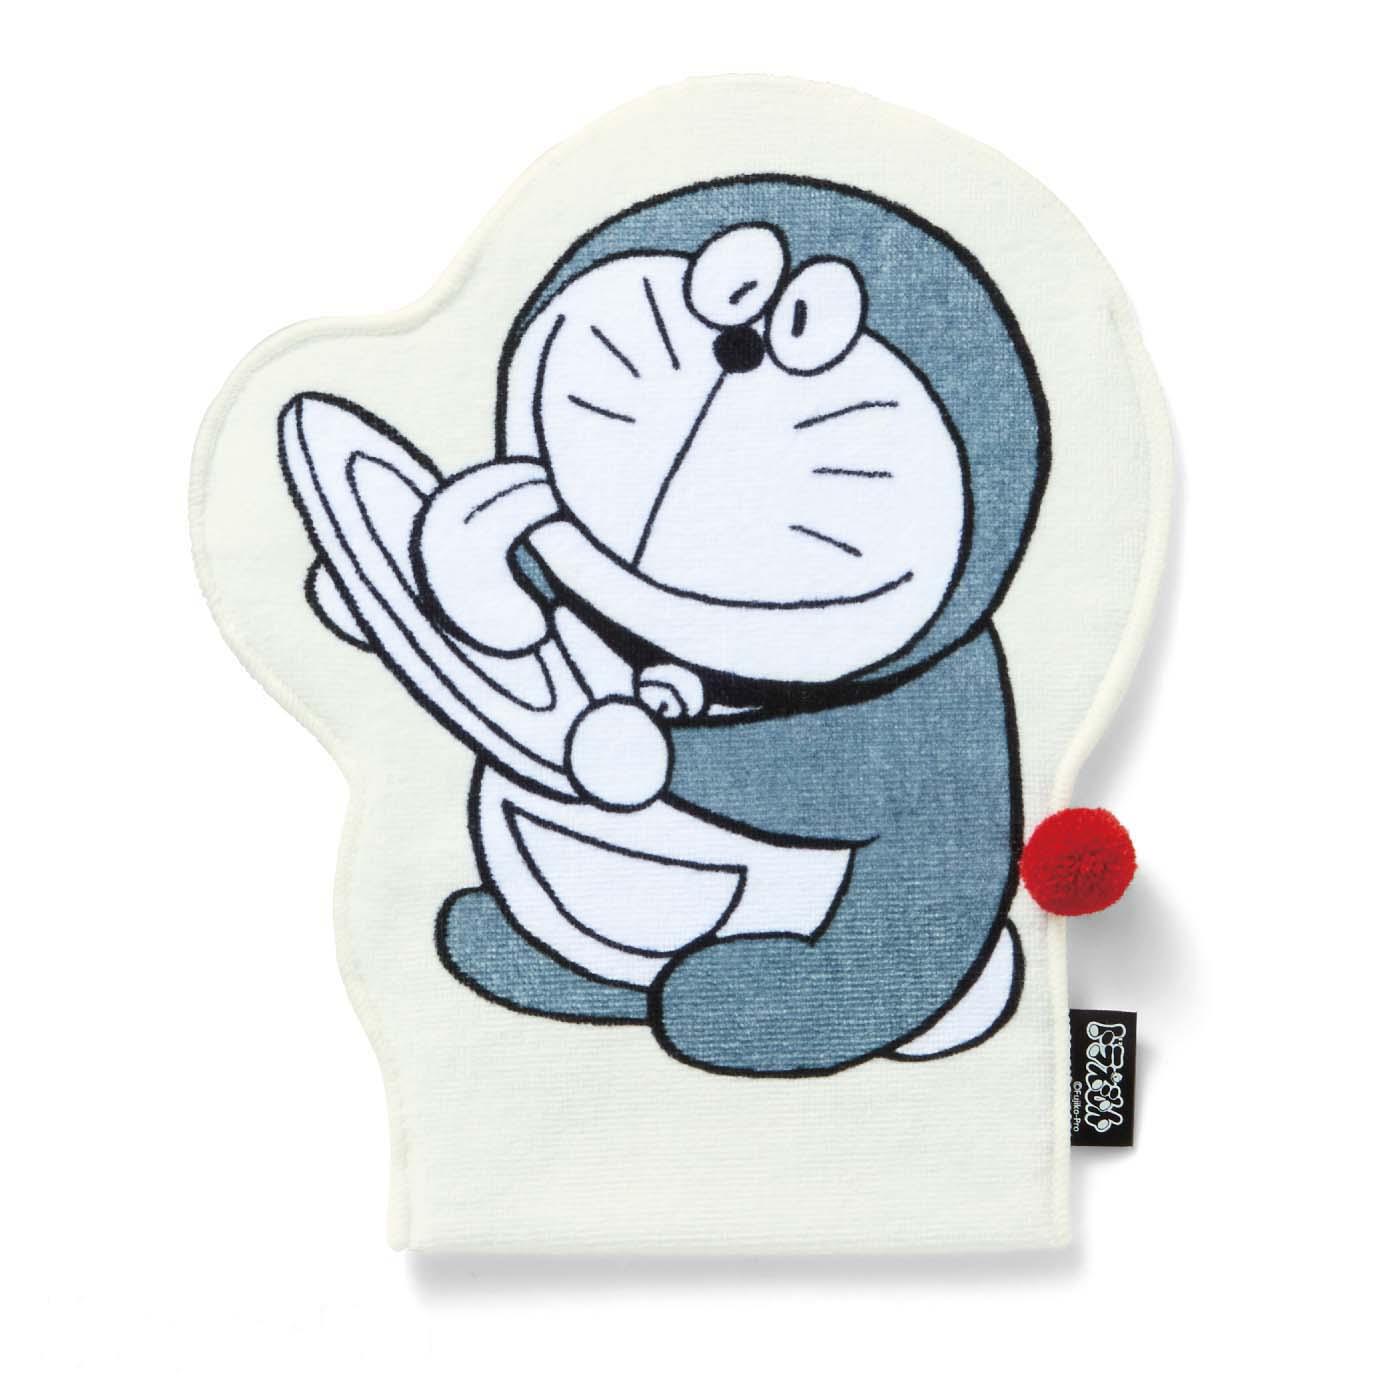 ぽんぽんしっぽがかわいいペットボトルタオル〈ペロペロ〉